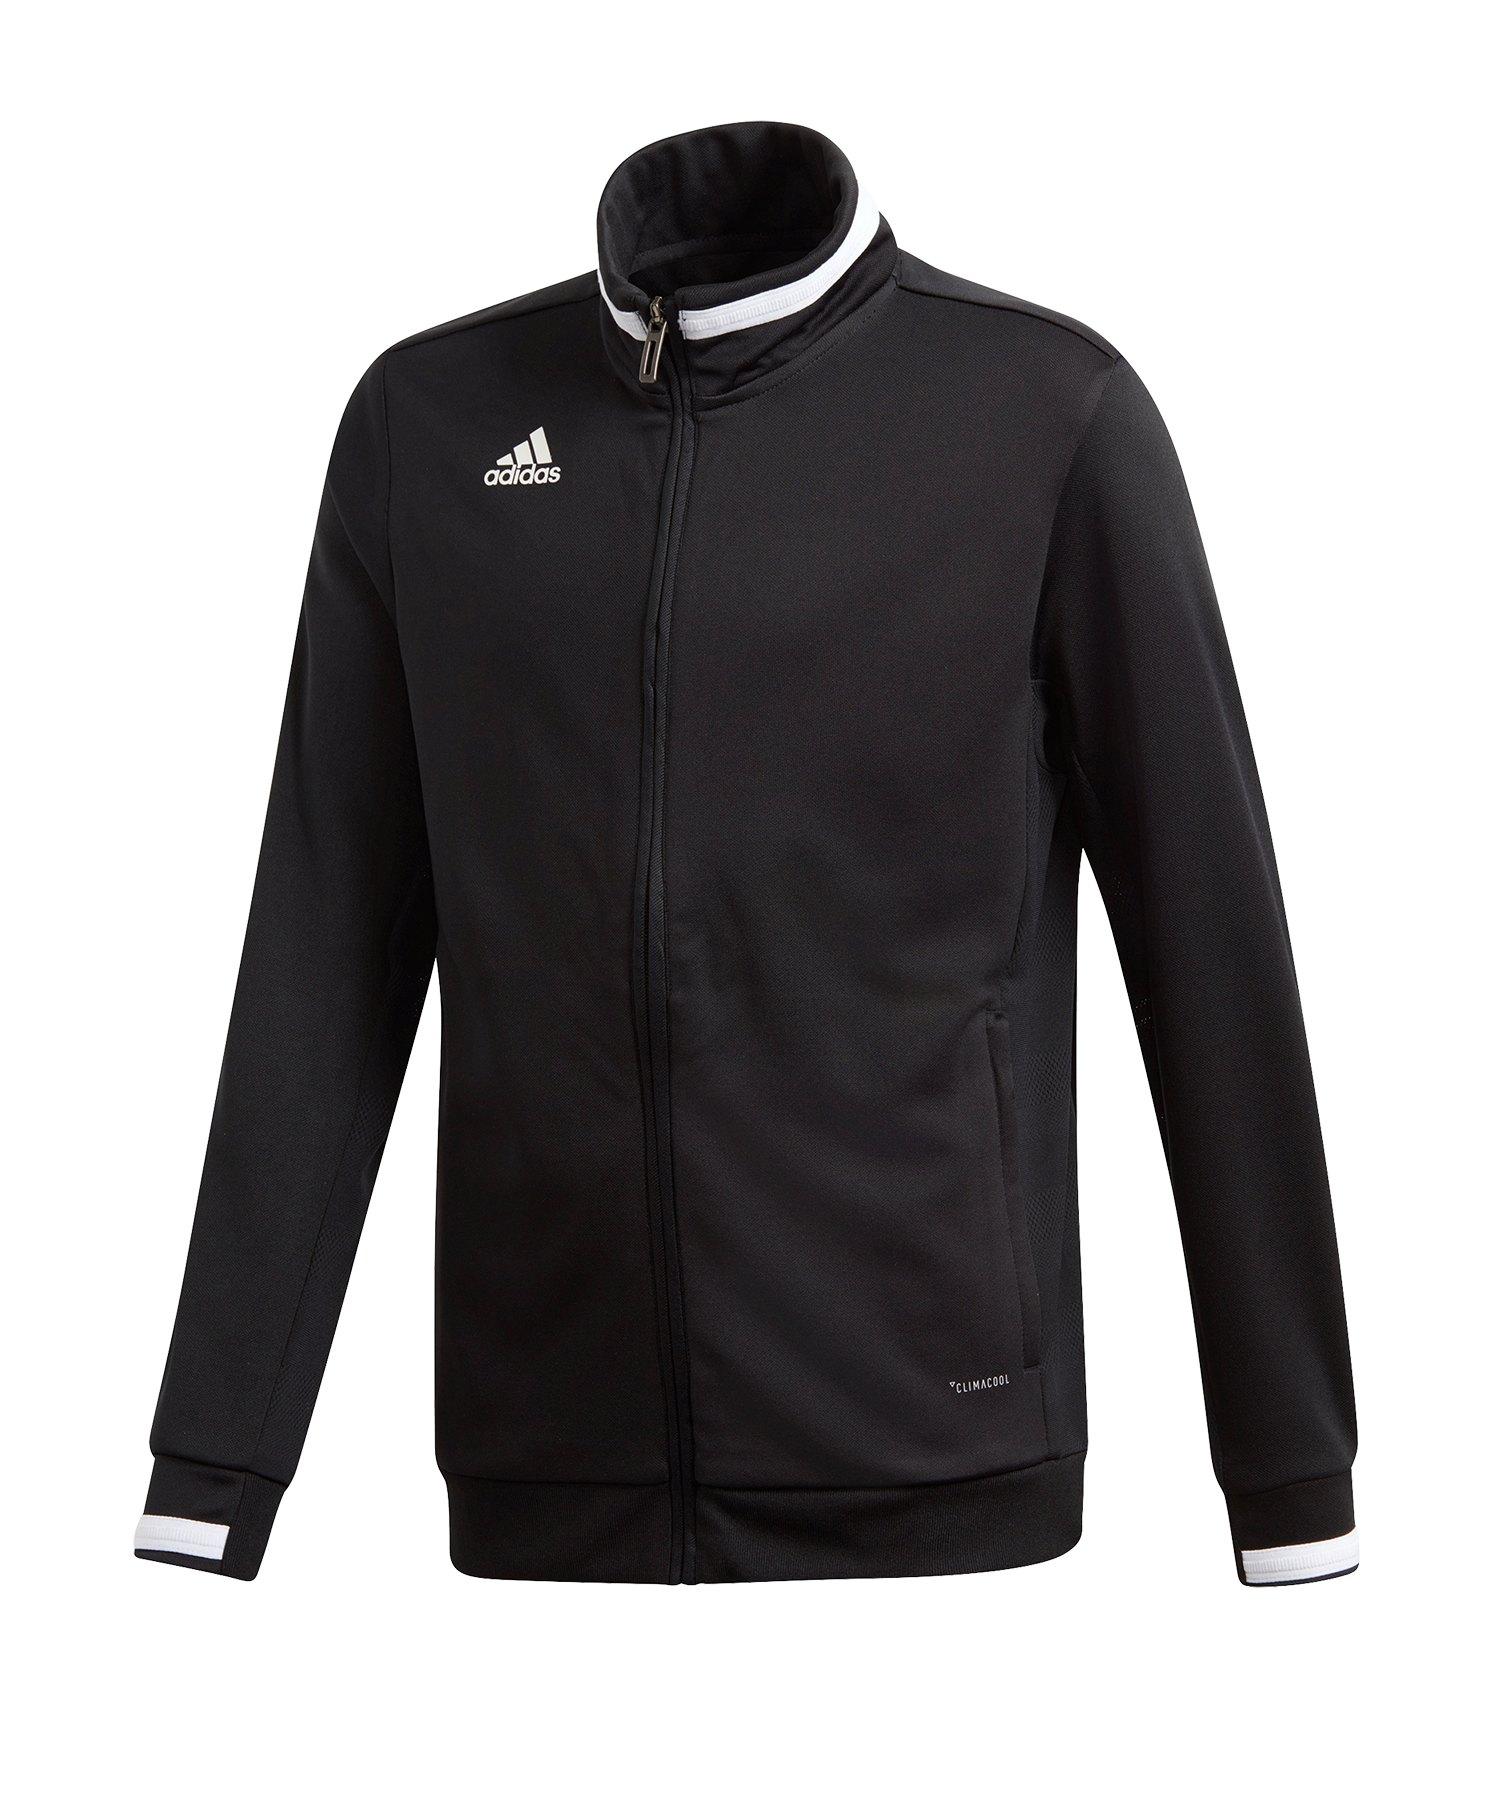 adidas Team 19 Track Jacket Kids Schwarz Weiss - schwarz